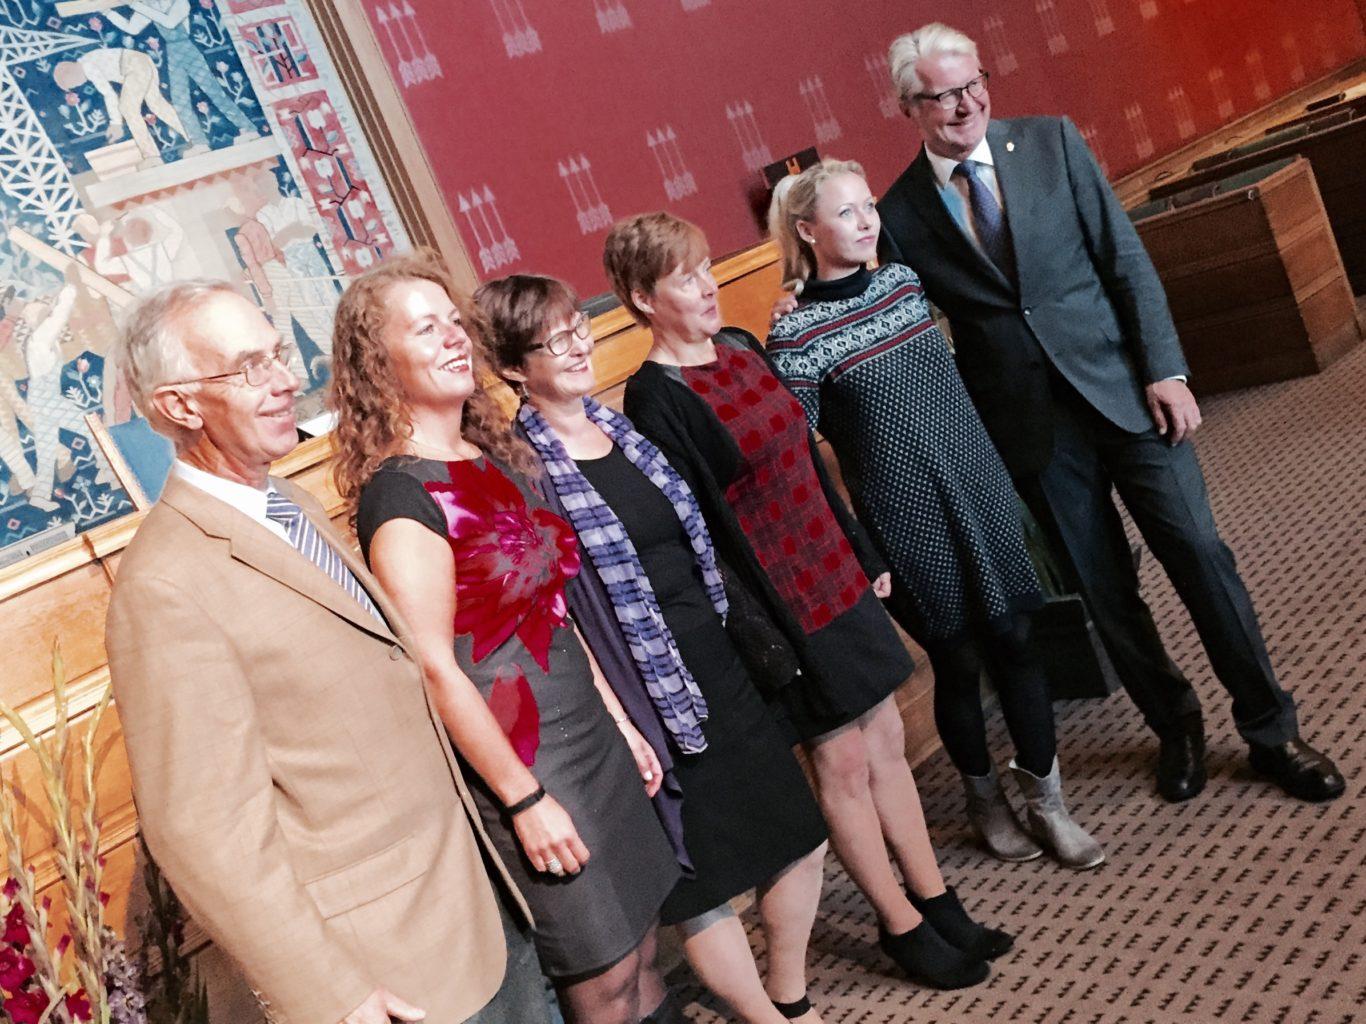 Kulturarbeider Bjørg Tvinnereim Moe ved Bekkelagshjemmet er kåret til årets medarbeider i eldreomsorgen 2015